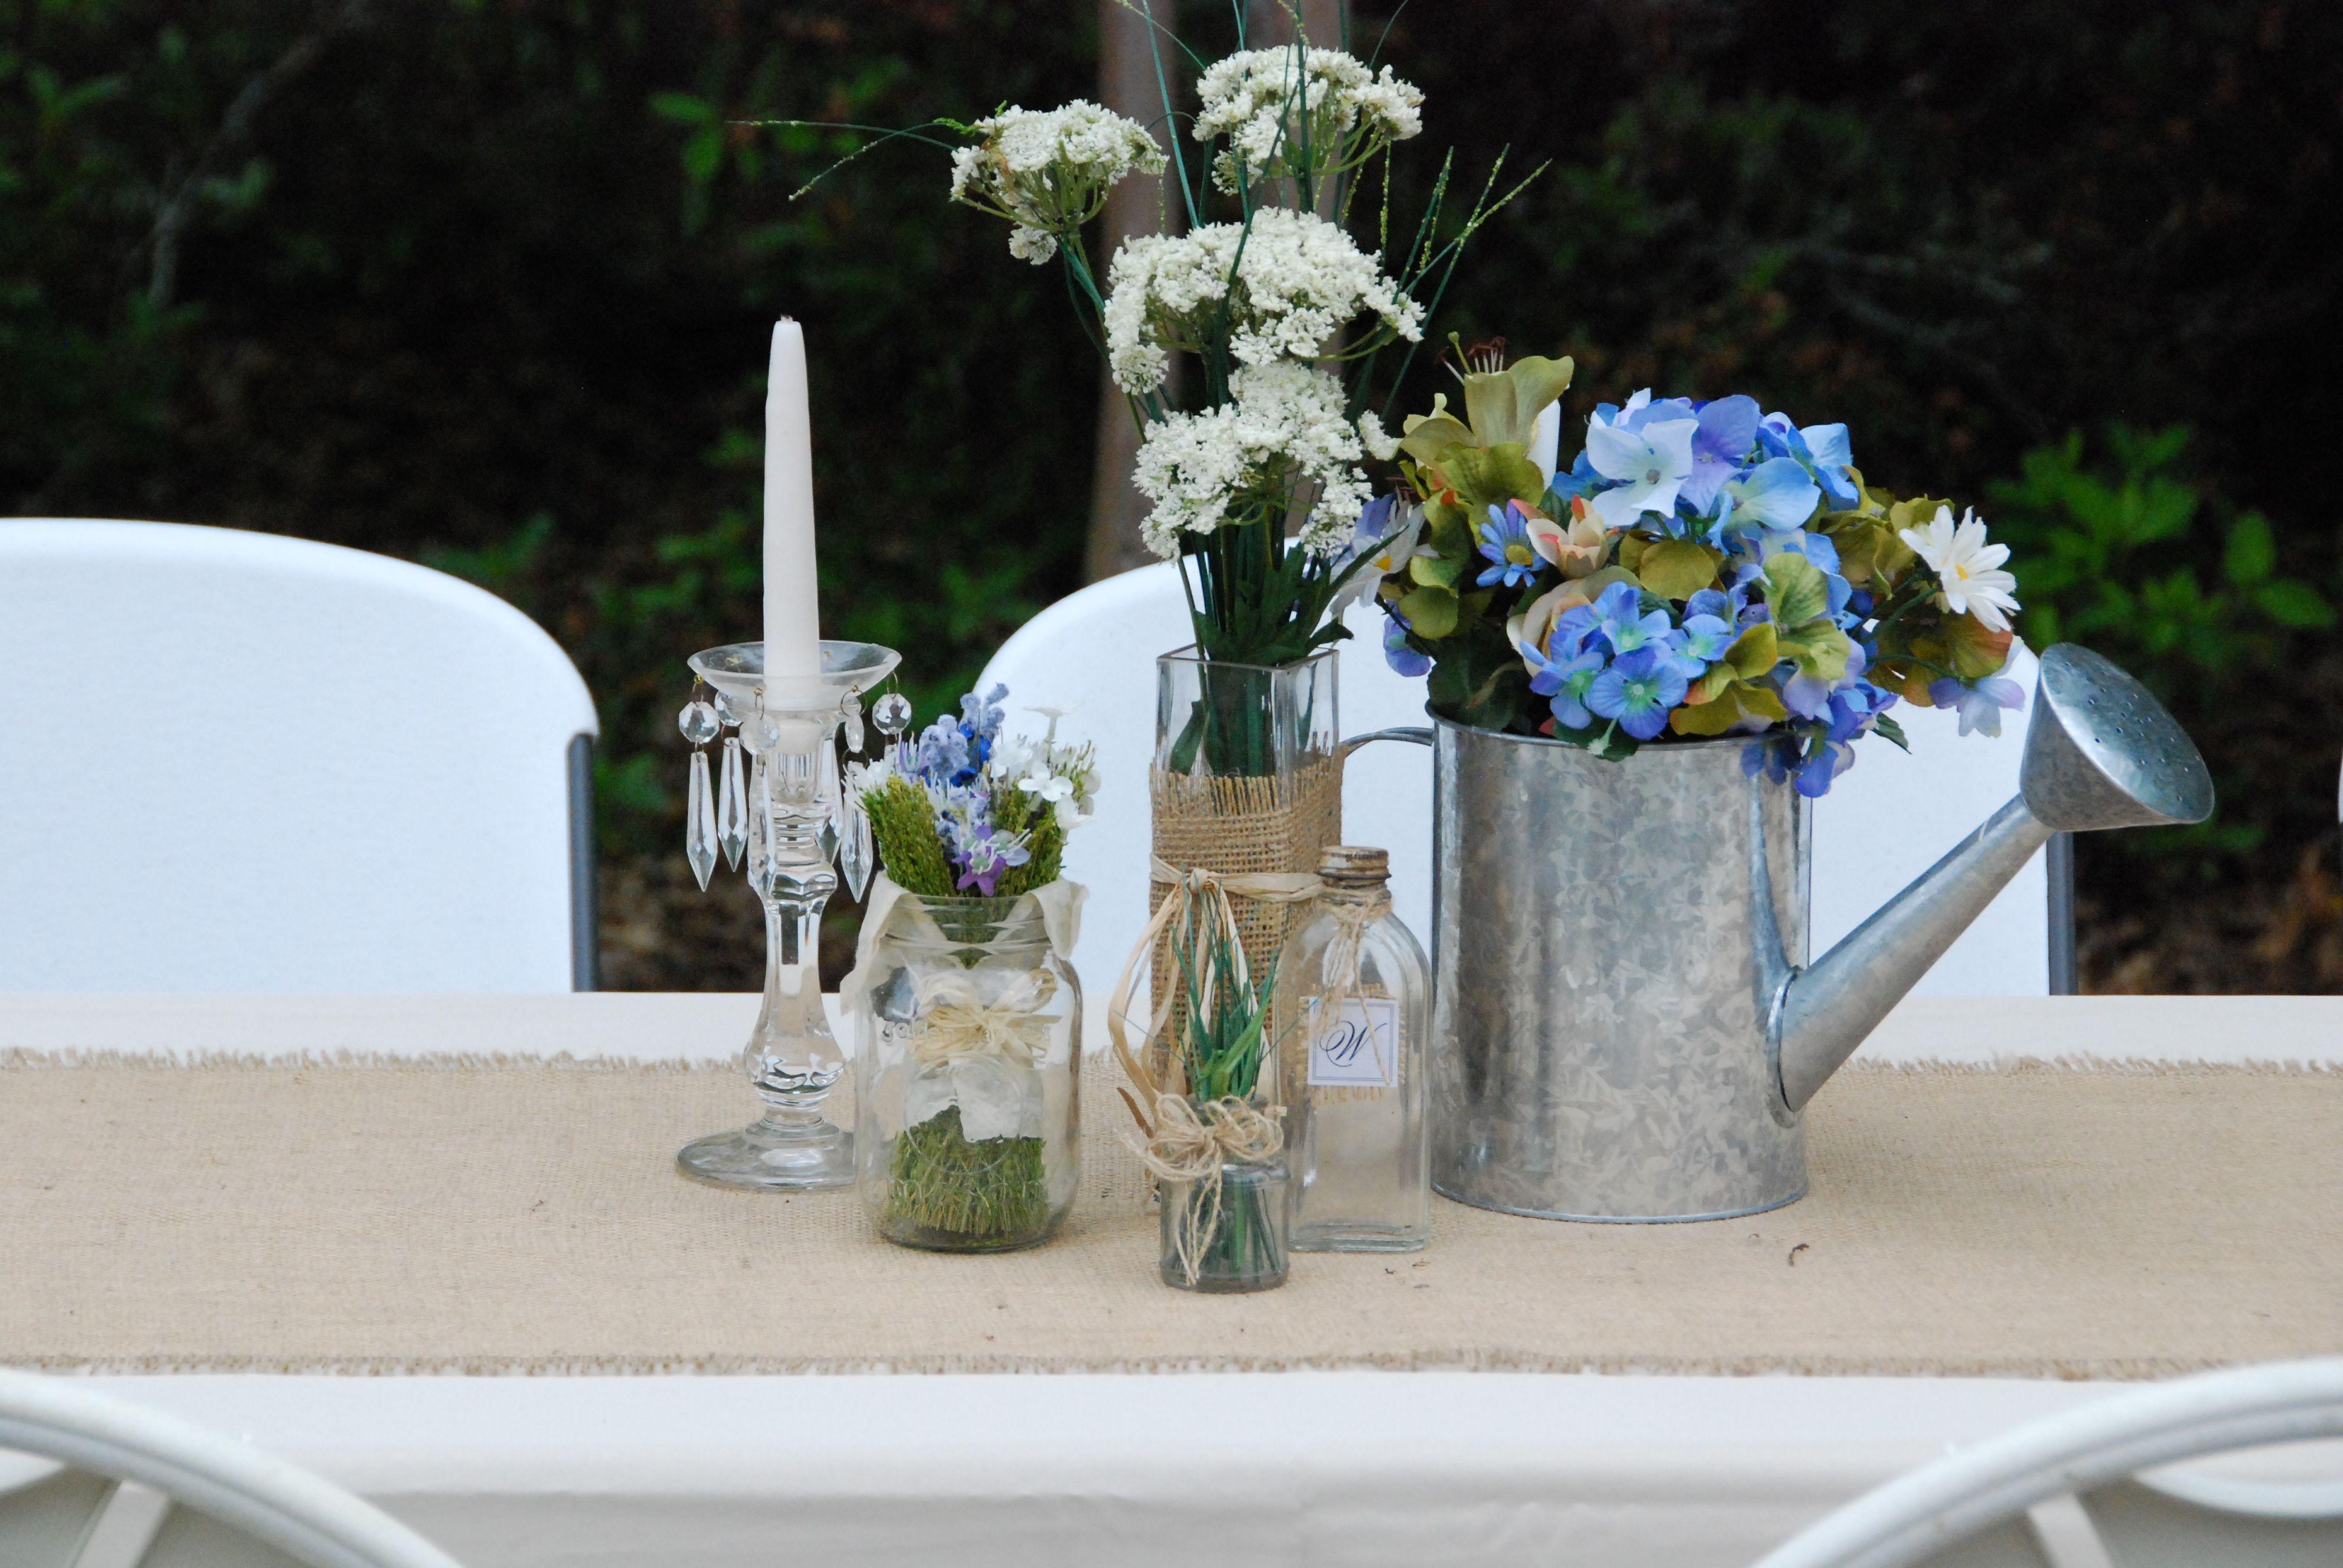 Wedding reception flowers shabby chic wedding ideas for Shabby chic wedding reception decorations